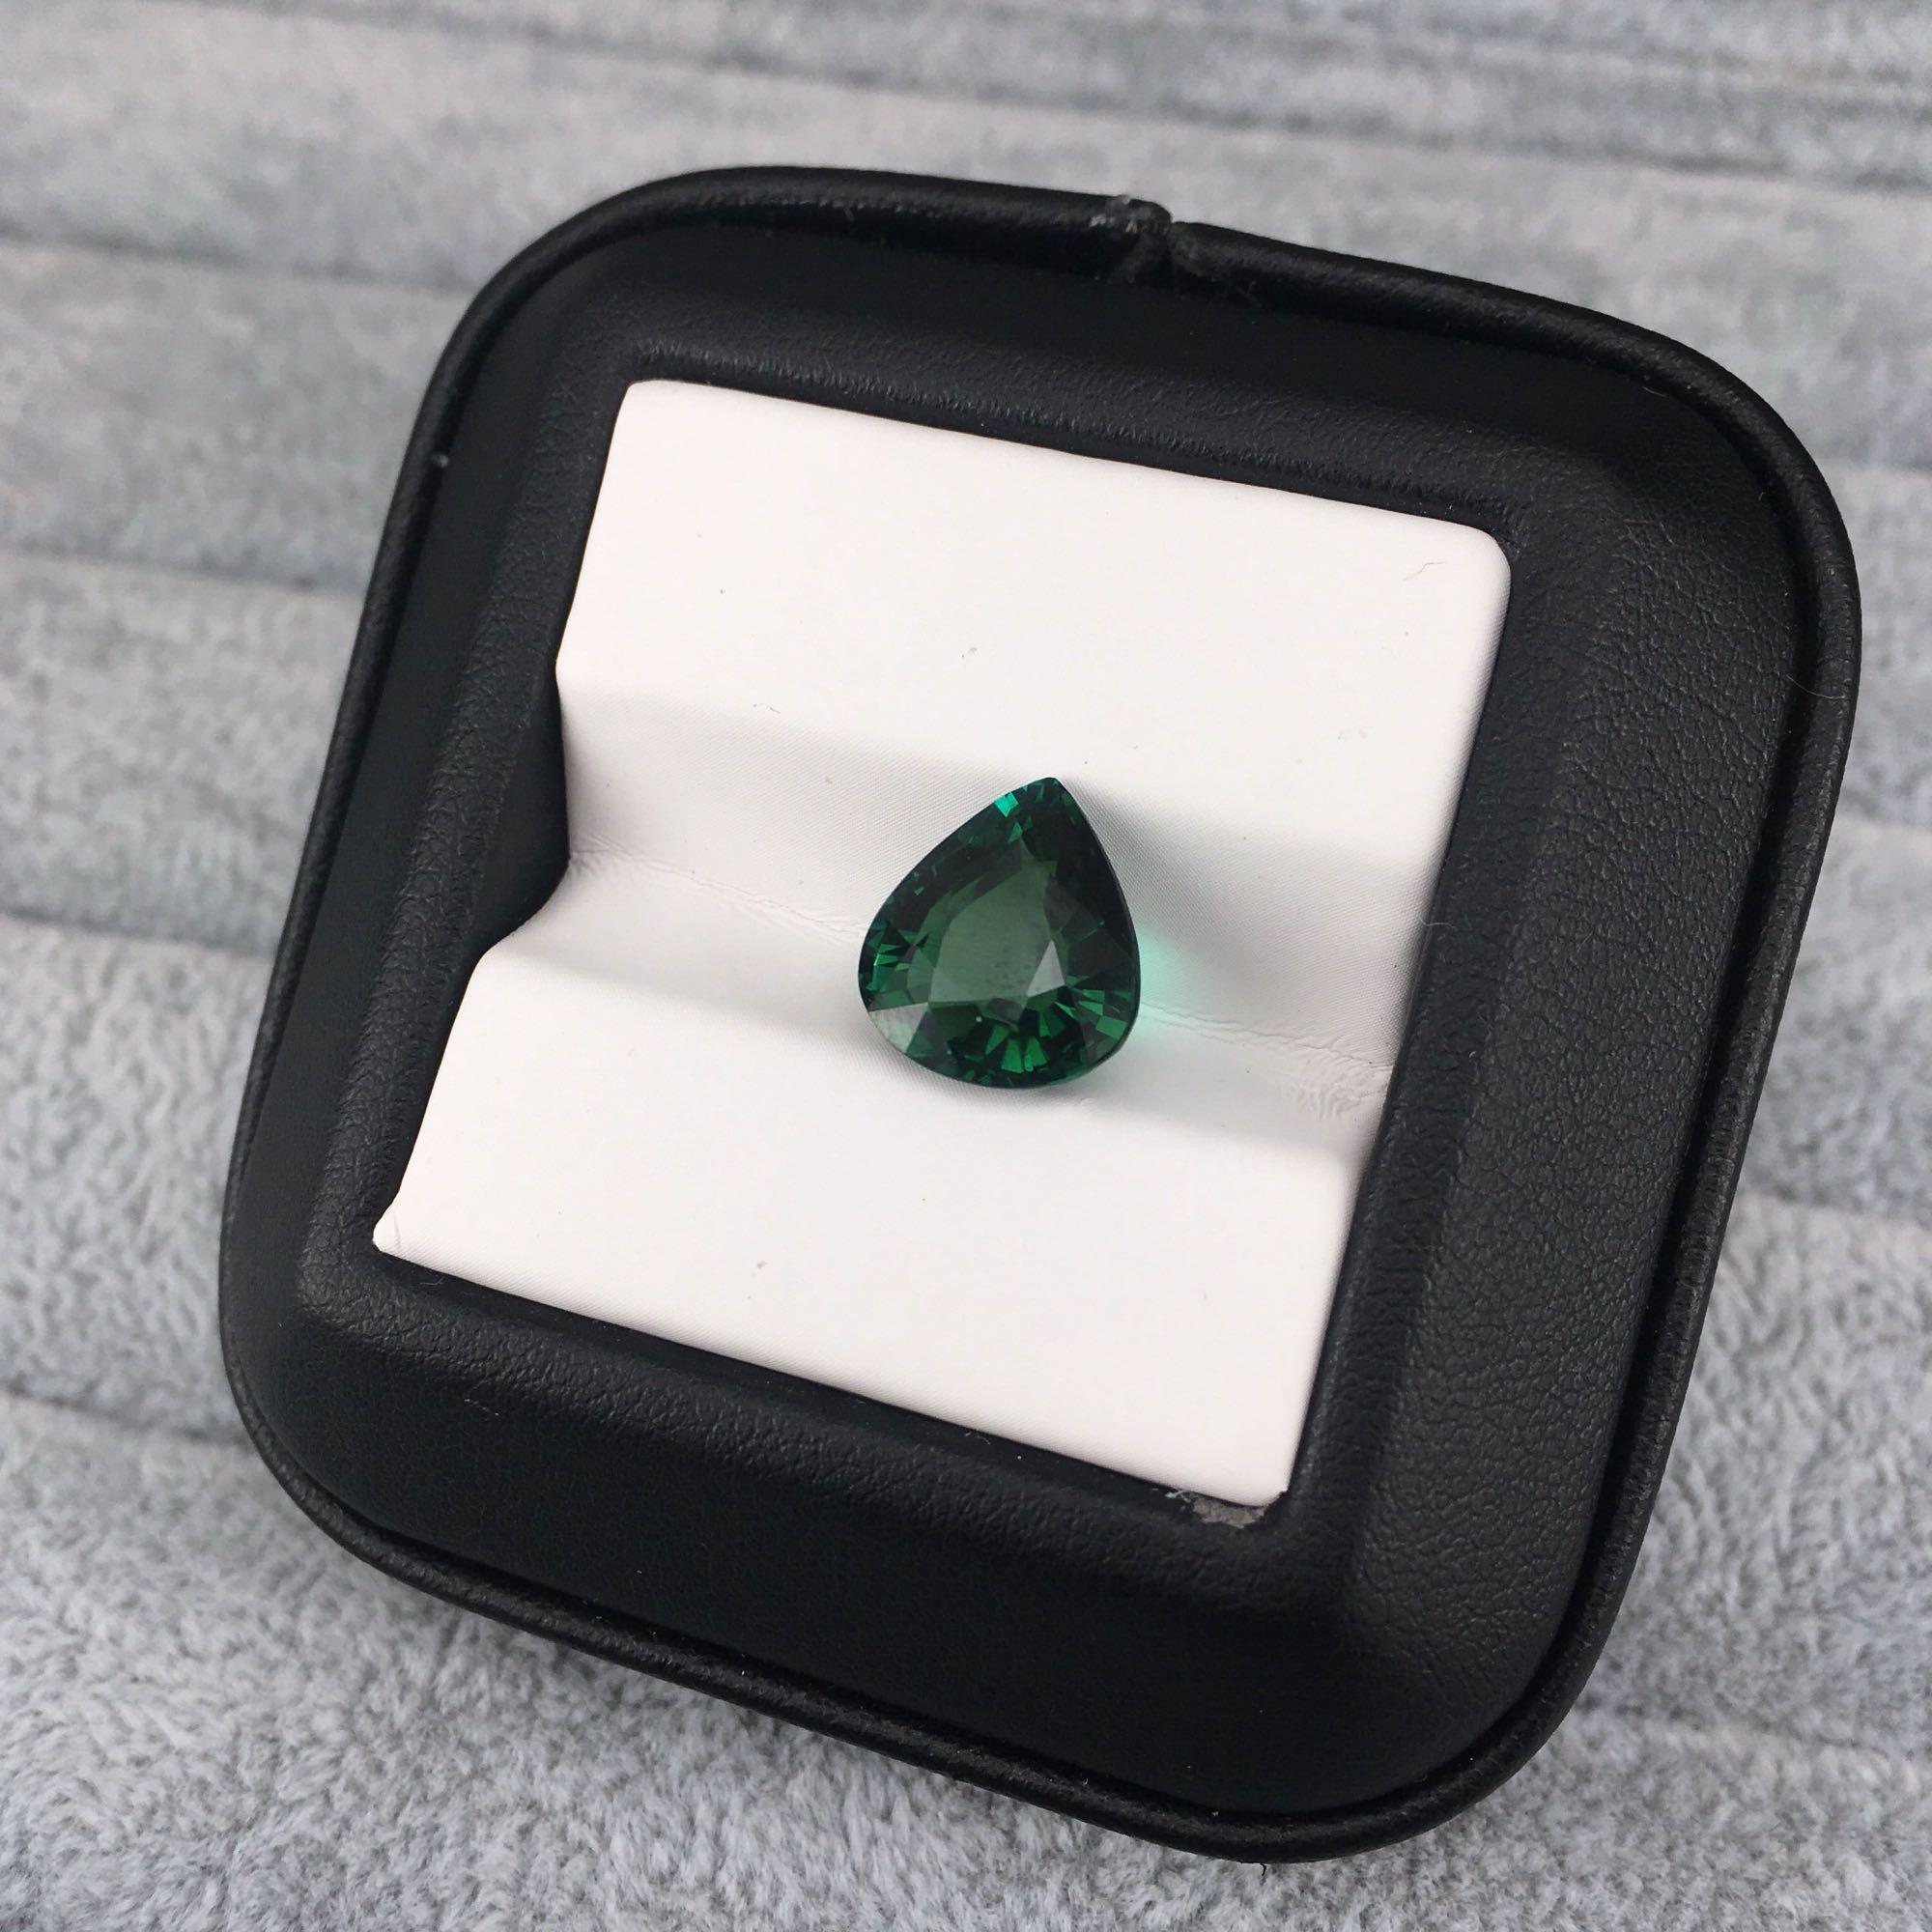 MELE الطبيعية تورمالين أخضر لصنع المجوهرات ، 10.5X11.8X6.8mm الكمثرى قطع ، 5.25ct أحجار كريمة مفكوكة للحلقة أو قلادة ميان ستون